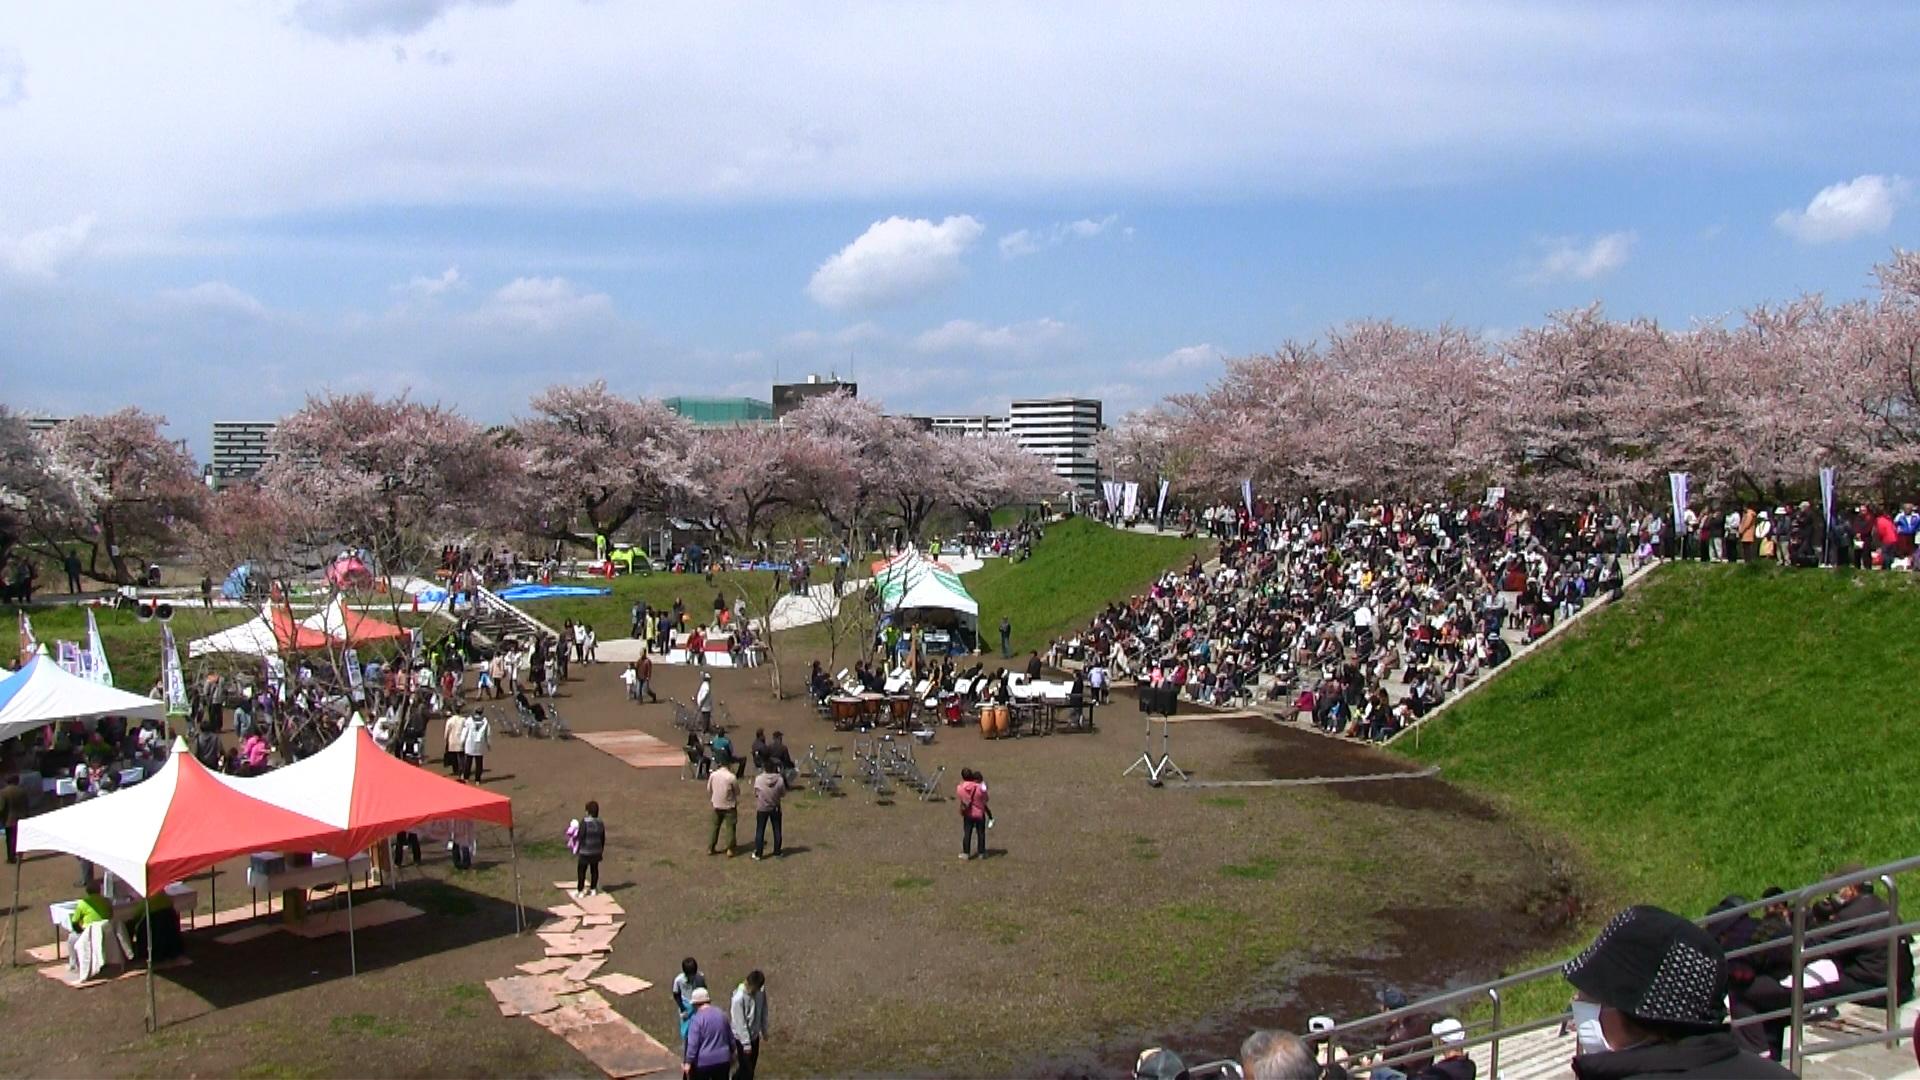 2014年4月 春のいろは親水公園まつりのイメージ